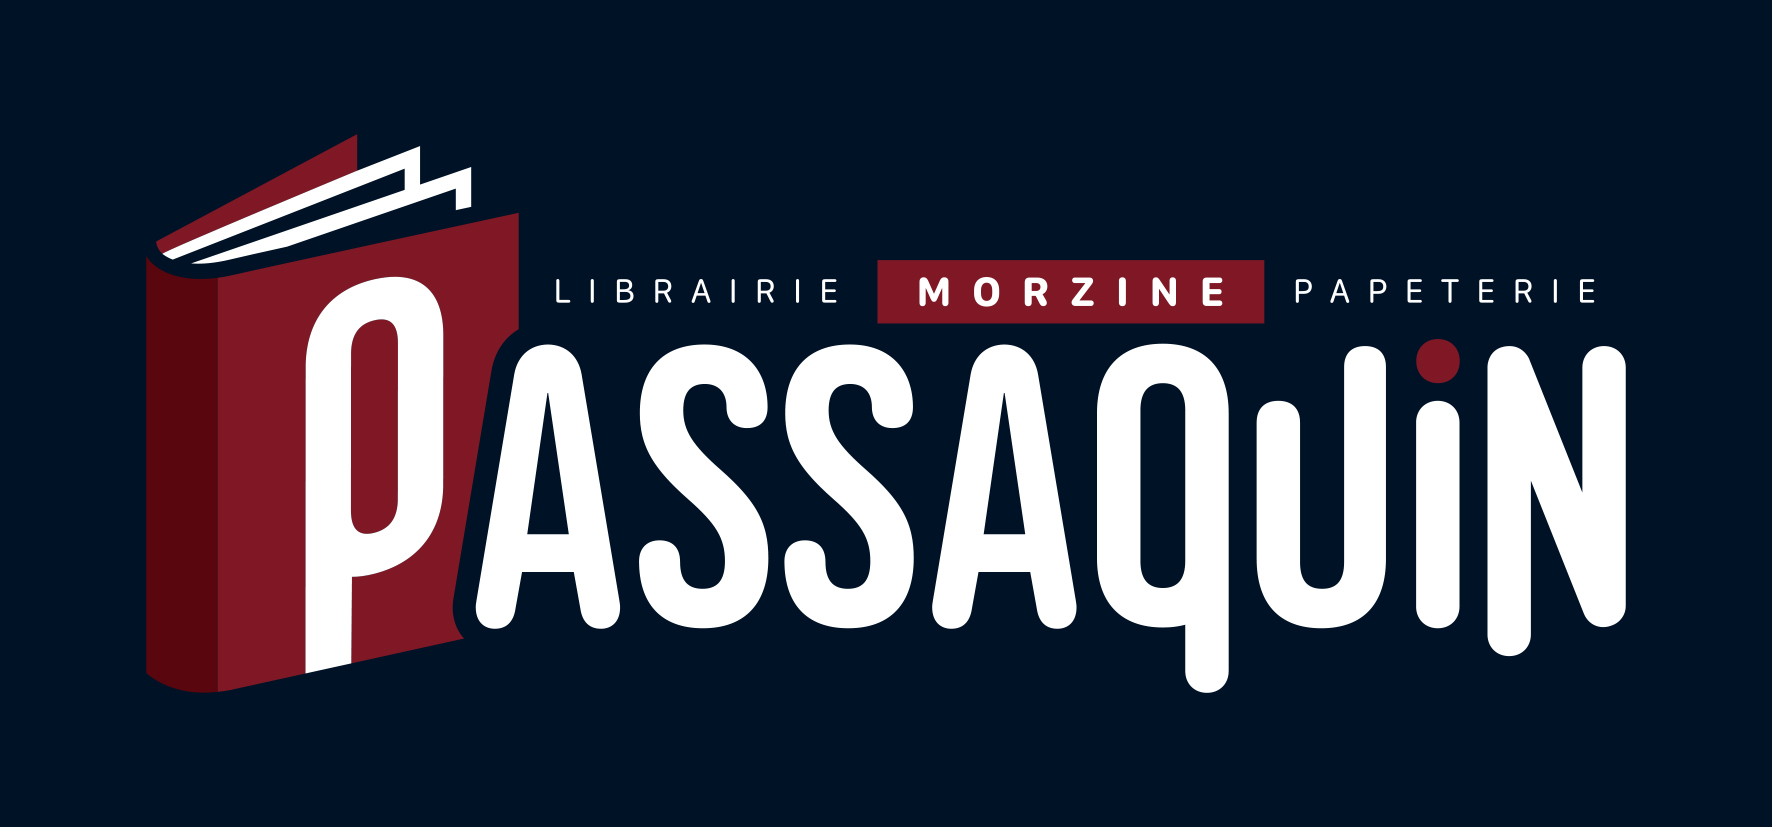 Librairie Passaquin Morzine